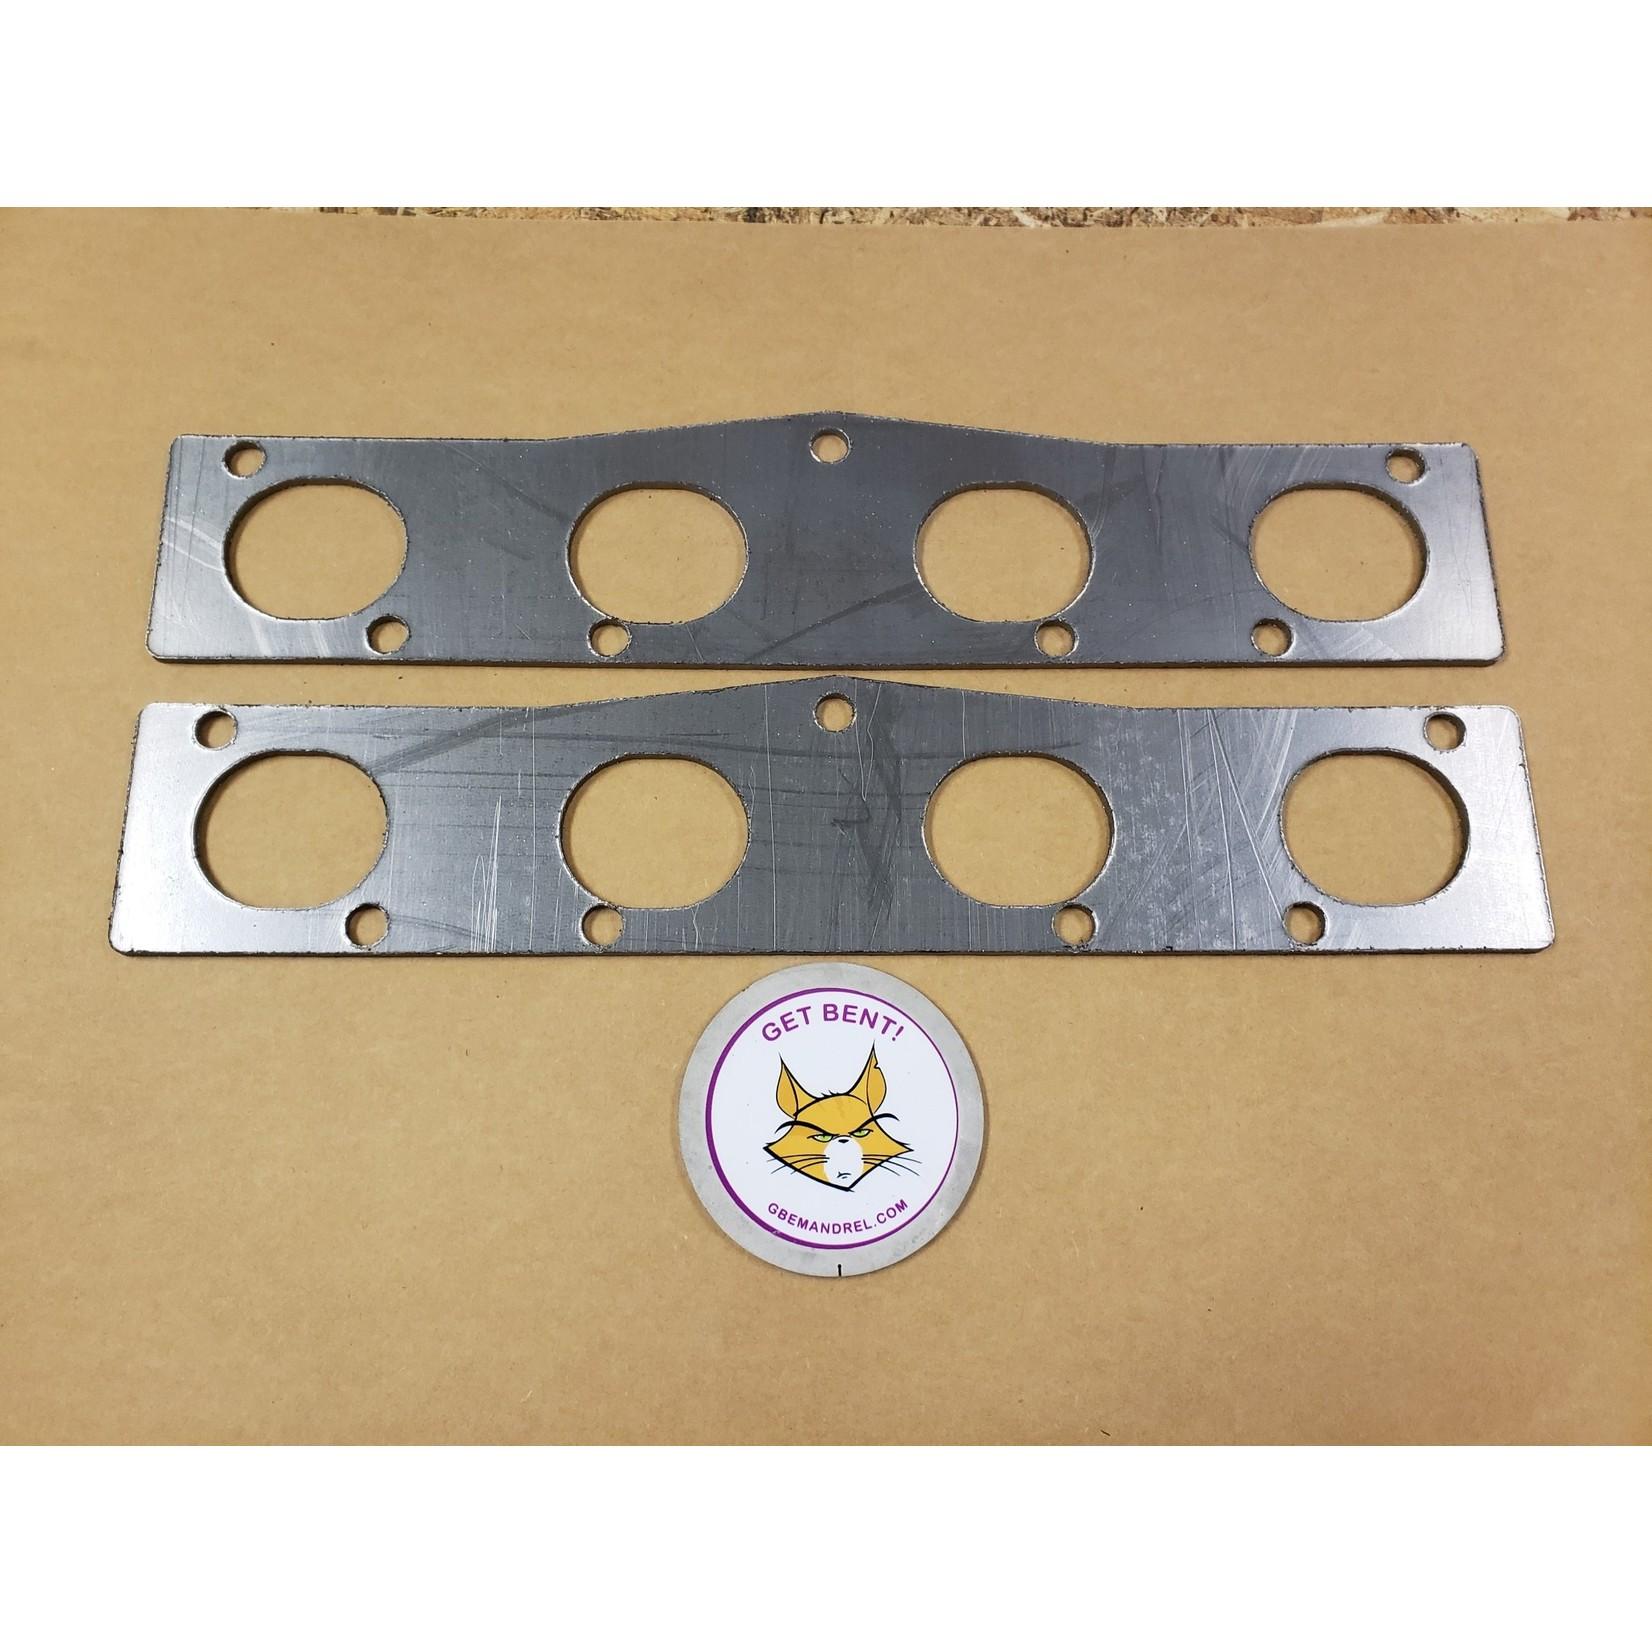 GBE MOPAR EARLY HEMI 331-392 GRAPHITE HEADER GASKETS